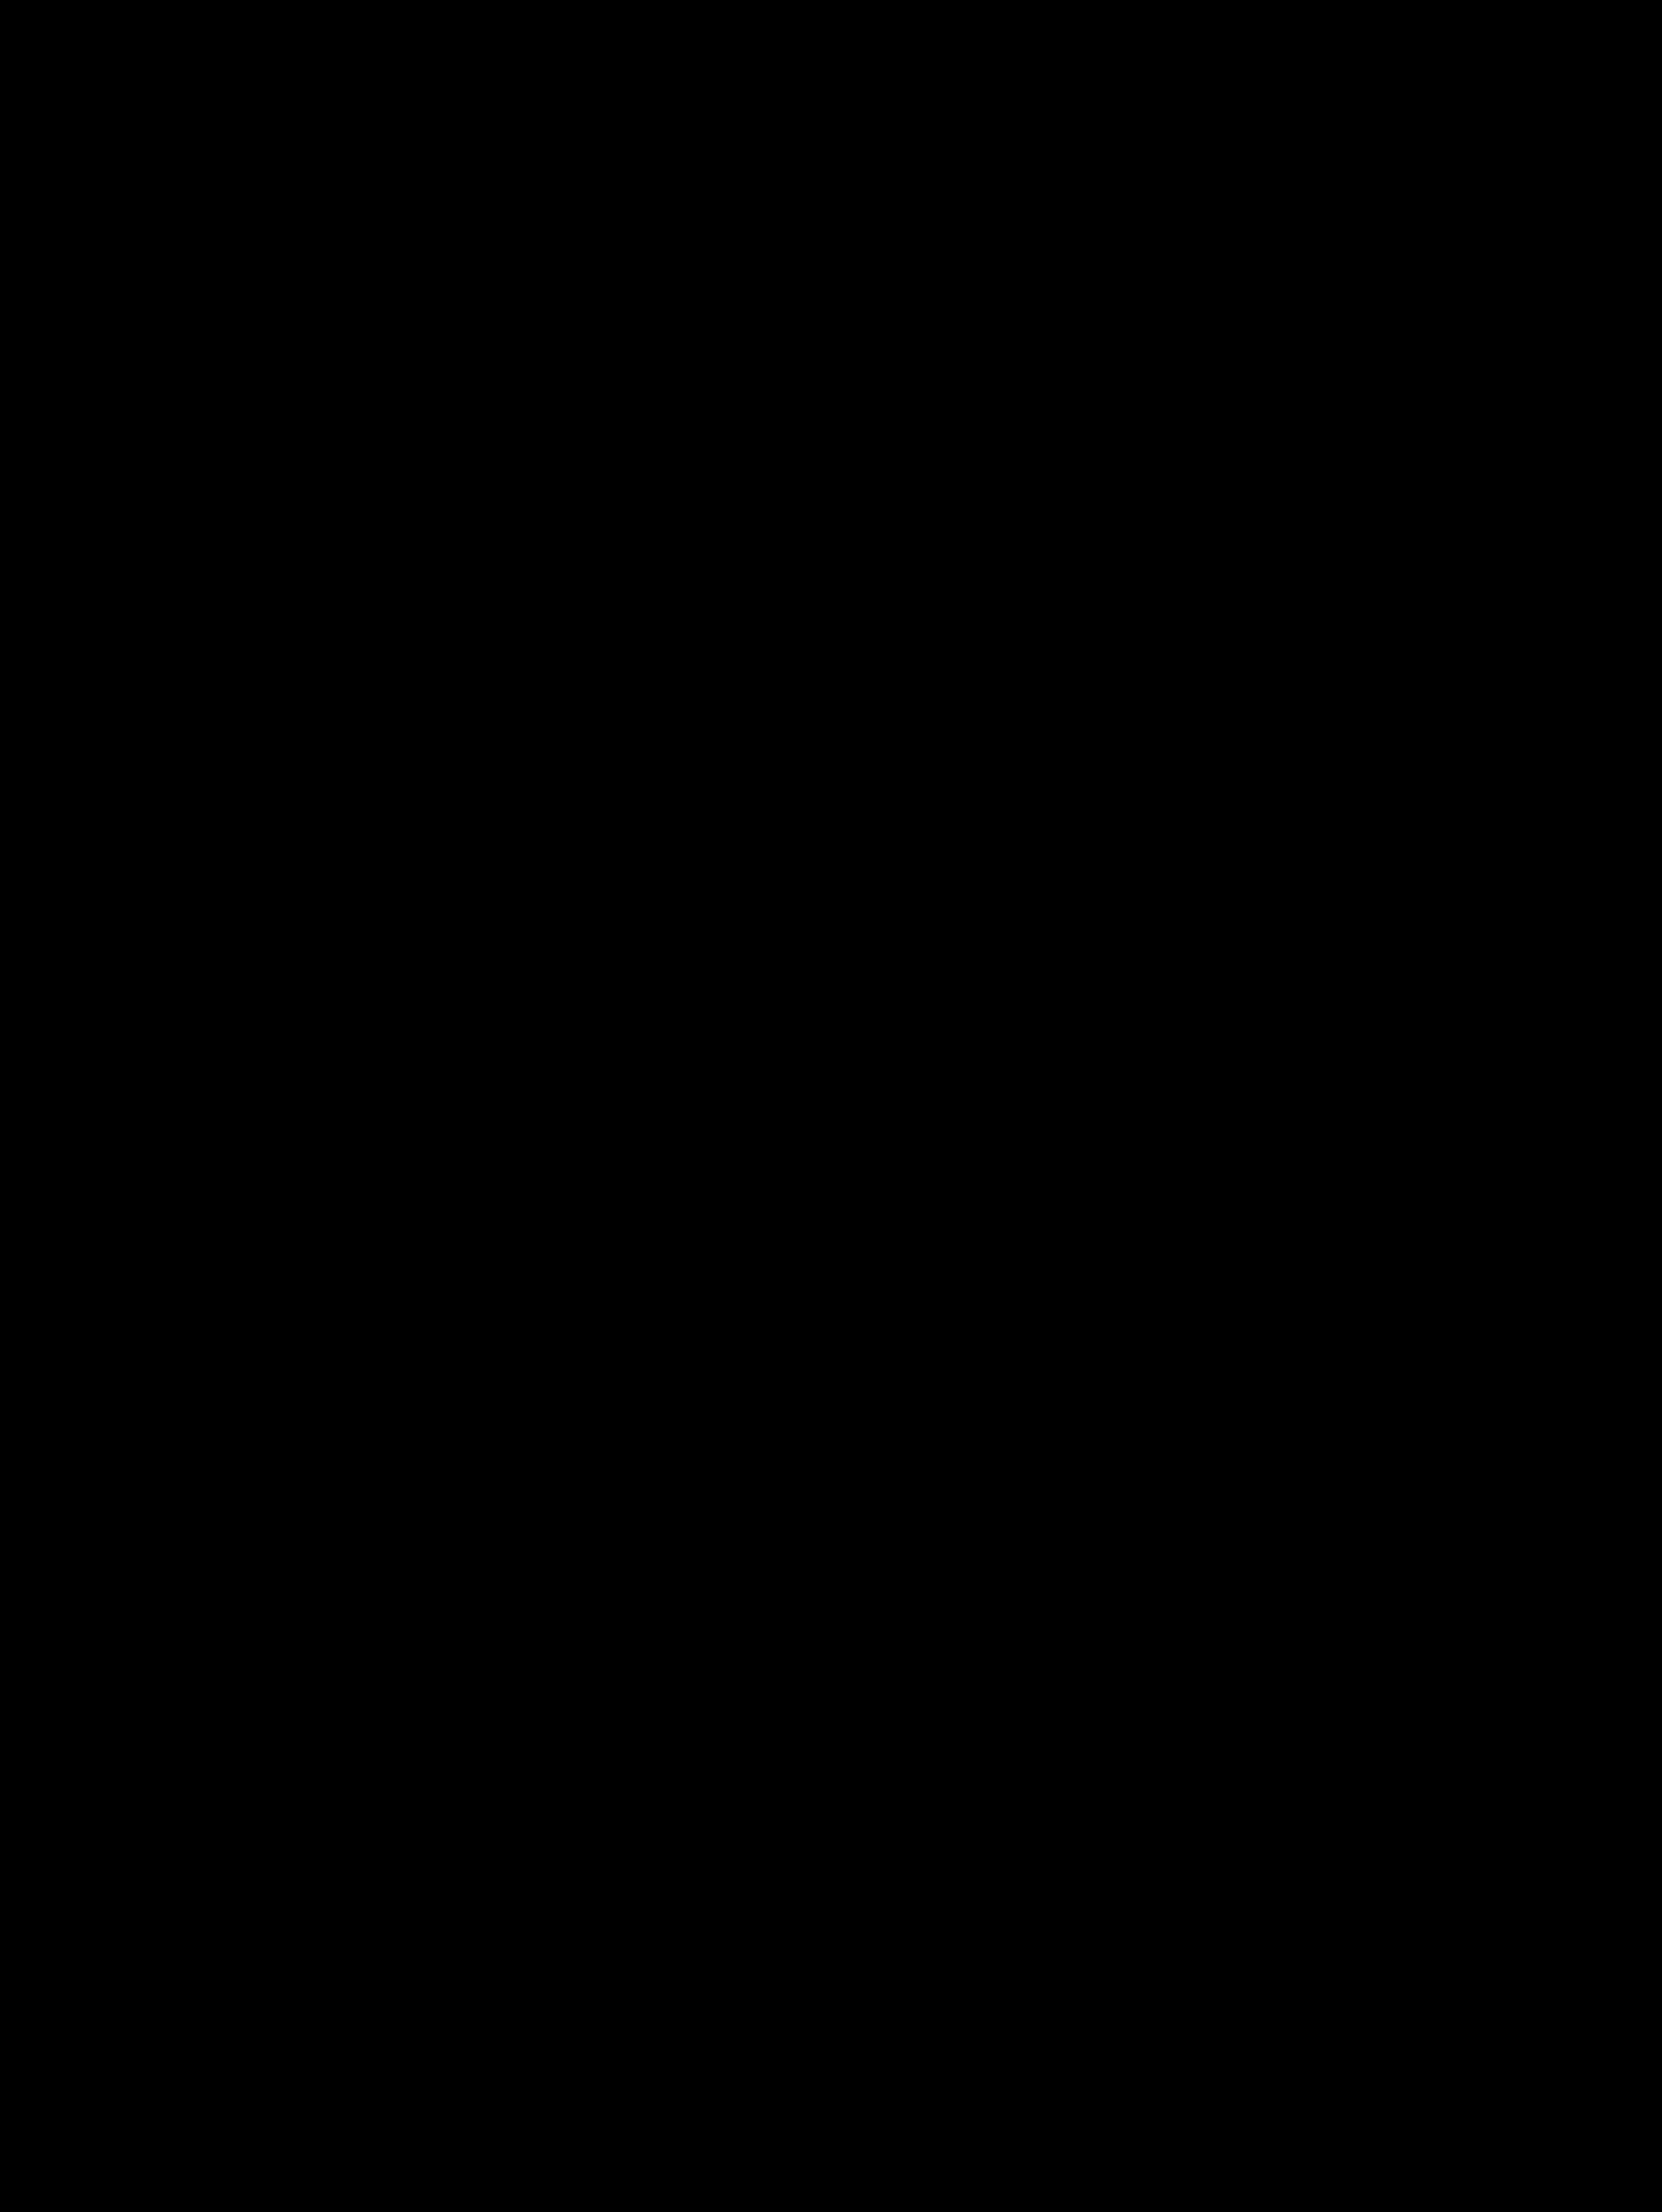 marissabarbarino